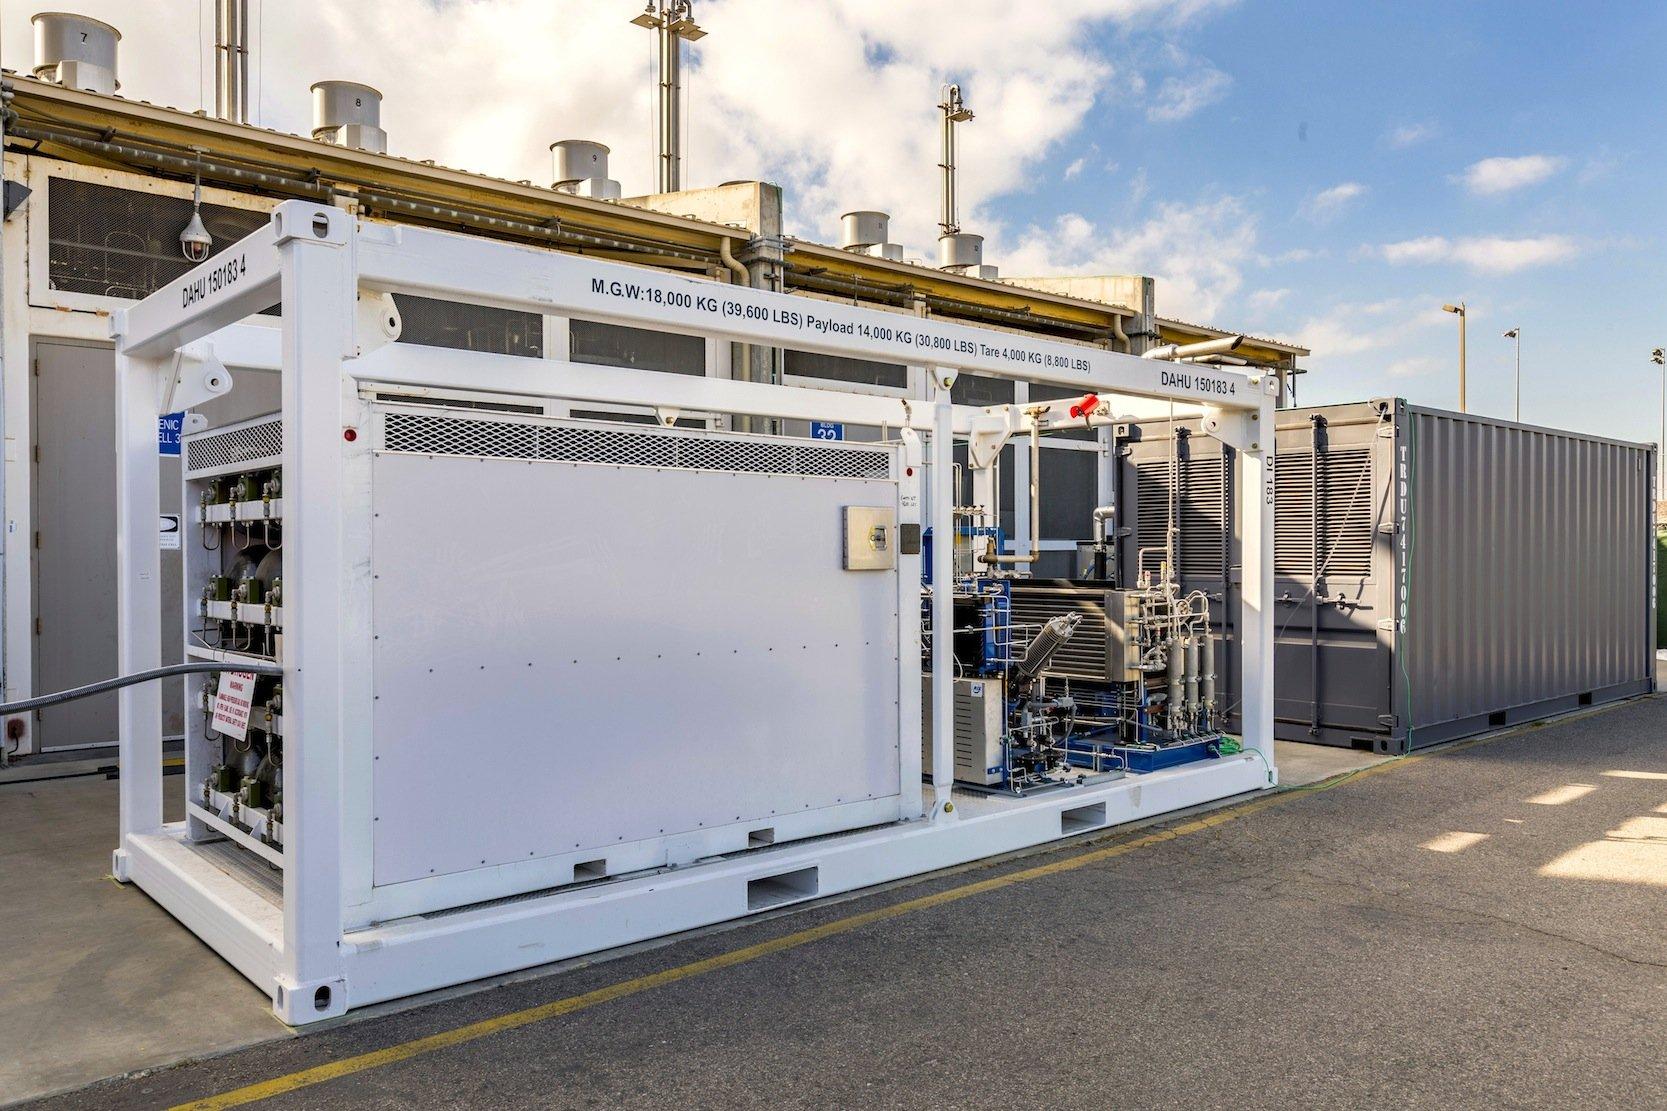 Das ist die größte kommerzielle reversible Elektrolyse-Anlage der Welt. Sie wurde von Ingenieuren des Flugzeugbauers Boeing und des Unternehmens Sunfire in Dresden entwickelt und wird jetzt bei der US Navy in Kalifornien erprobt. Links sind die Wasserstoffspeicher zu sehen, rechts die Brennstoffzelle zur Stromerzeugung.